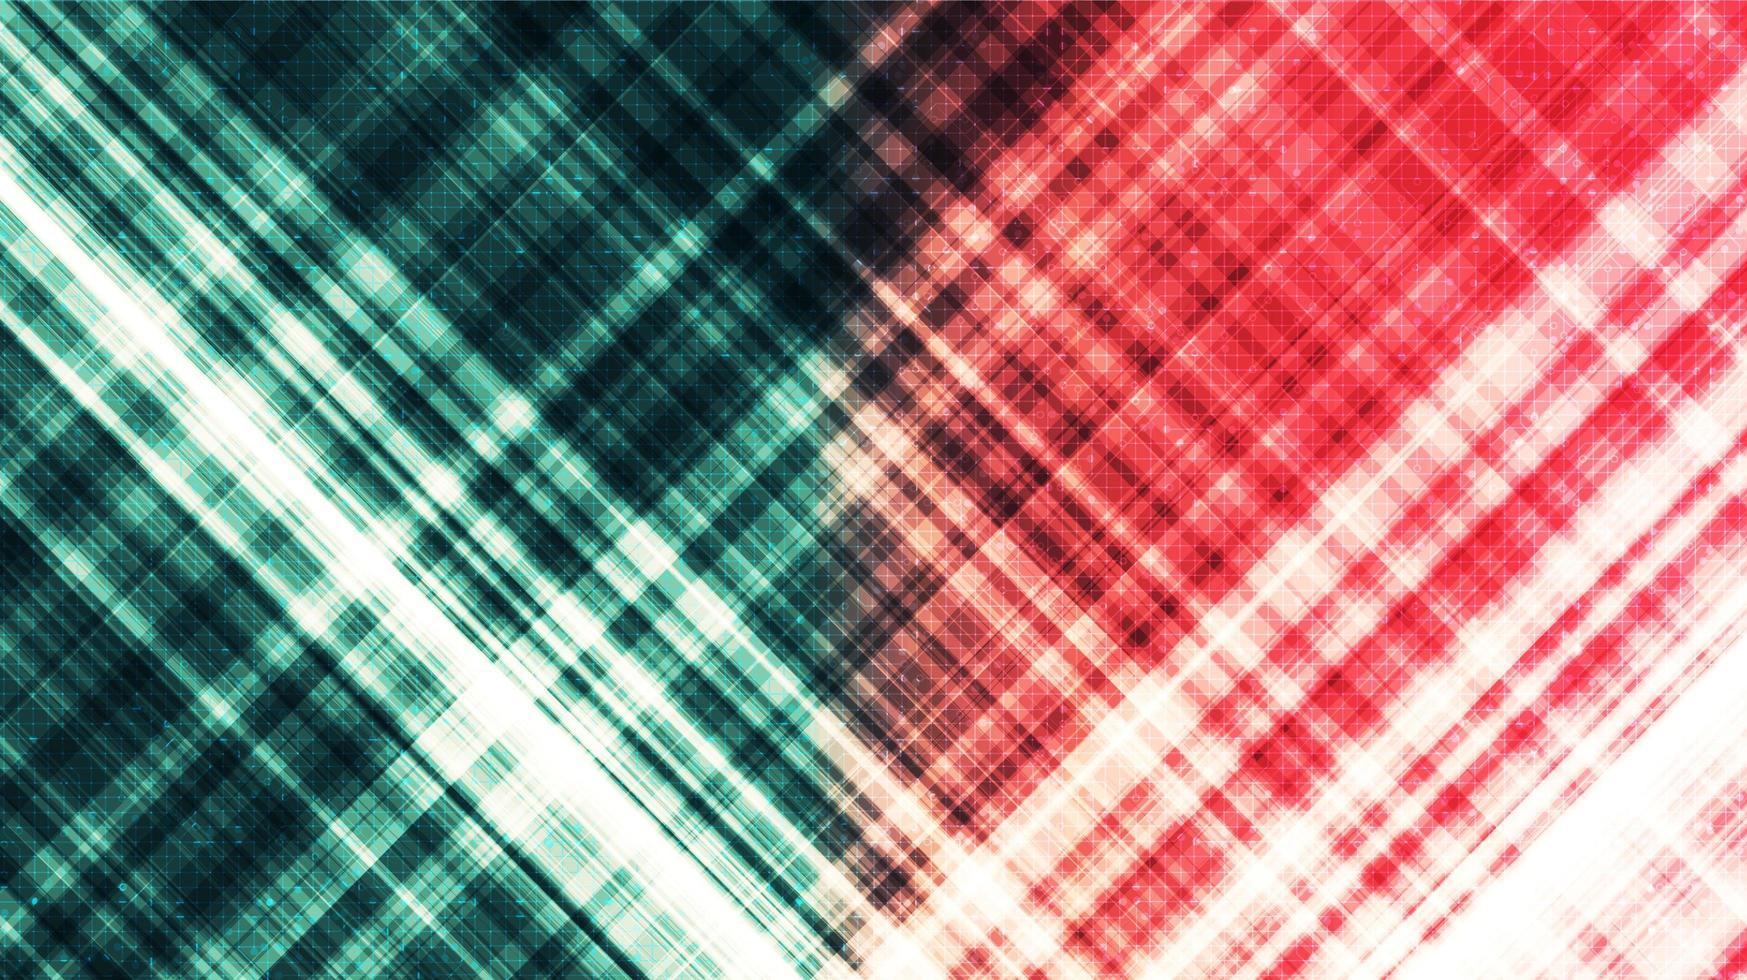 grön och röd teknikbakgrund, högteknologisk digital- och kommunikationskonceptdesign, ledigt utrymme för text vektor